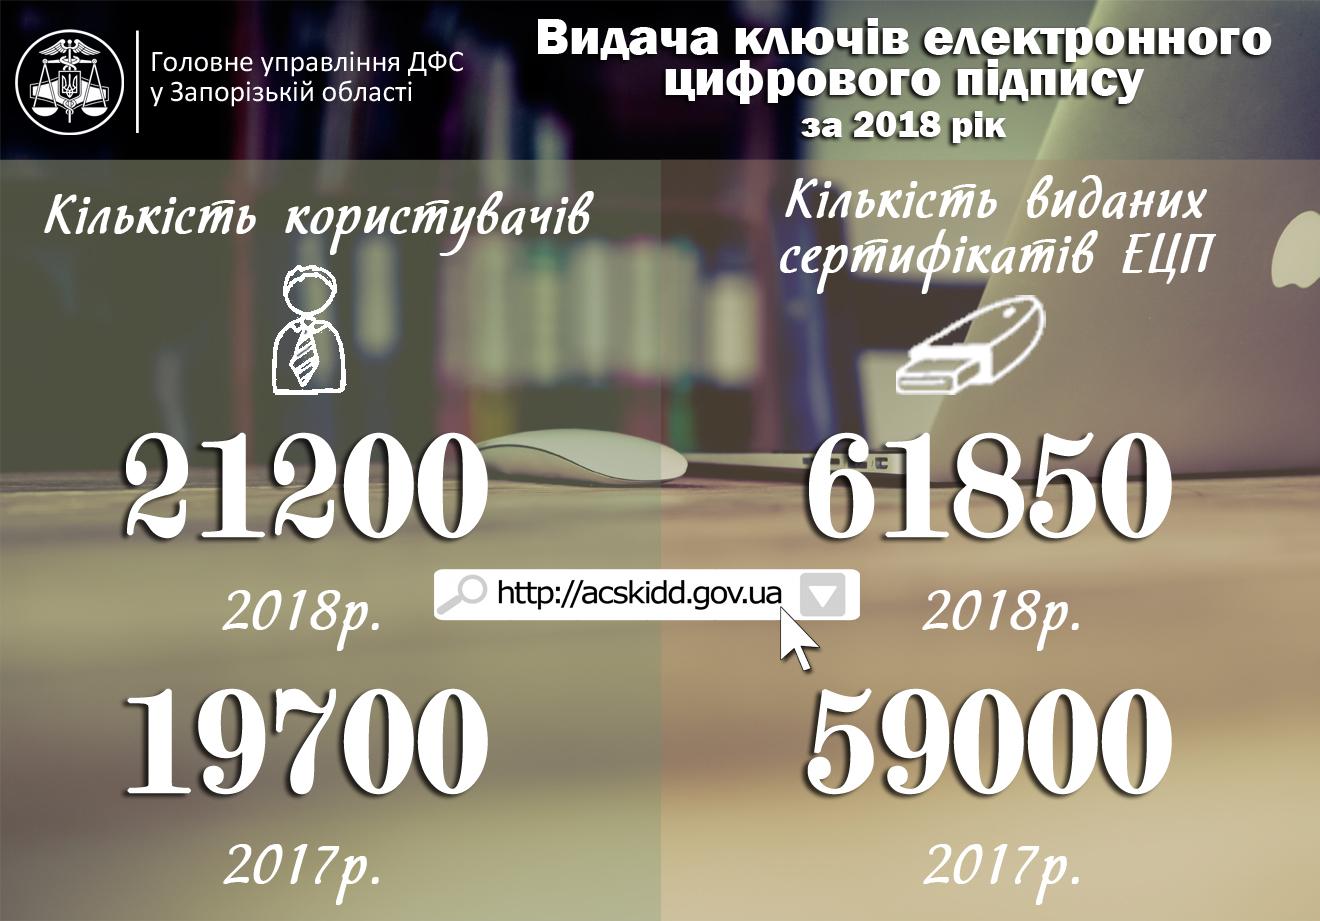 ecp_2018_pik